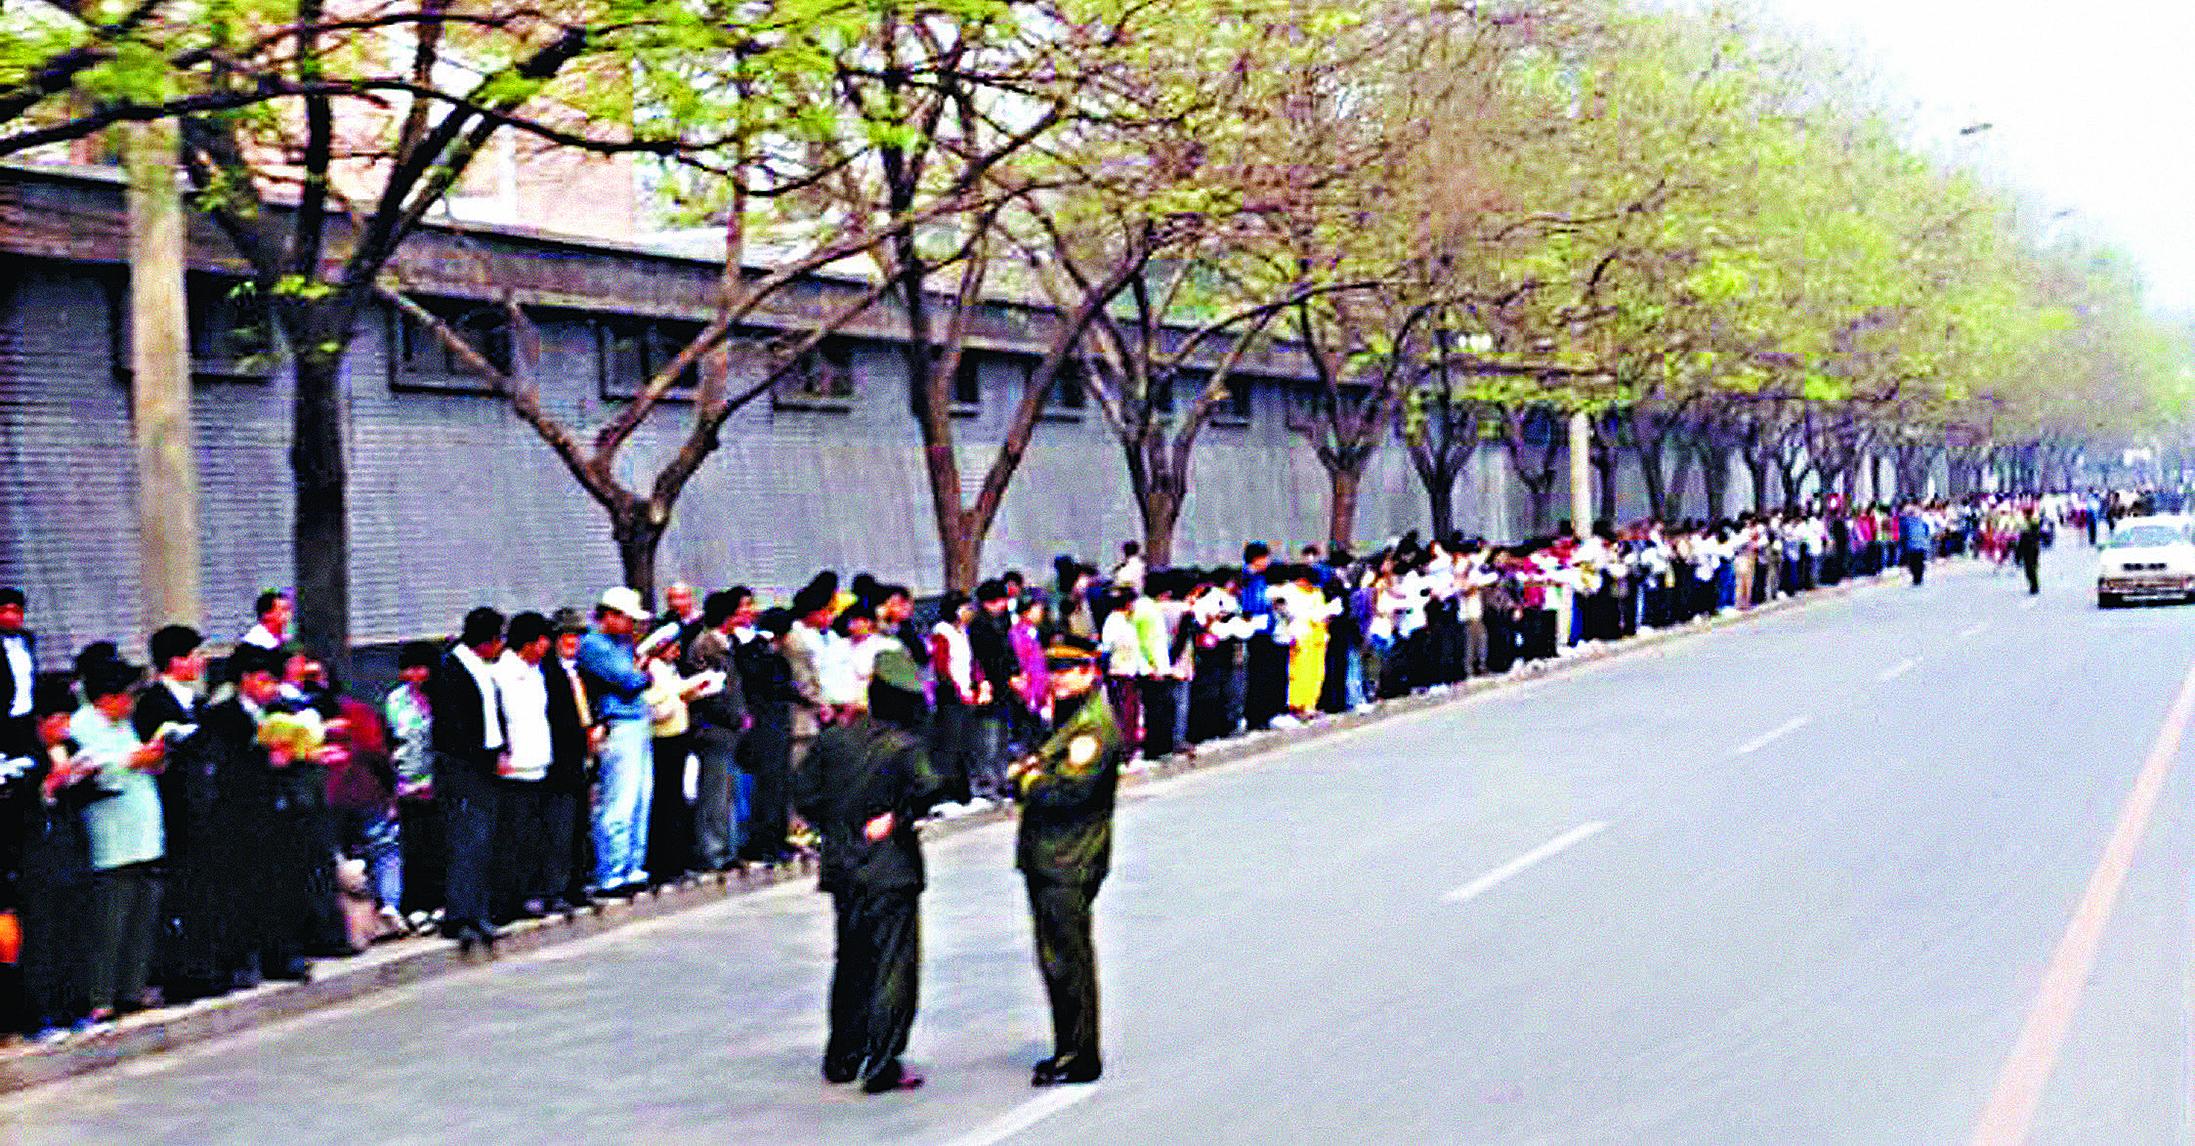 1999年4月25日,上訪的法輪功學員非常安靜祥和,靜靜等待著向國務院信訪辦反映情況,見證的路人稱道:「從未見過這麼高素質的人。」(明慧網)